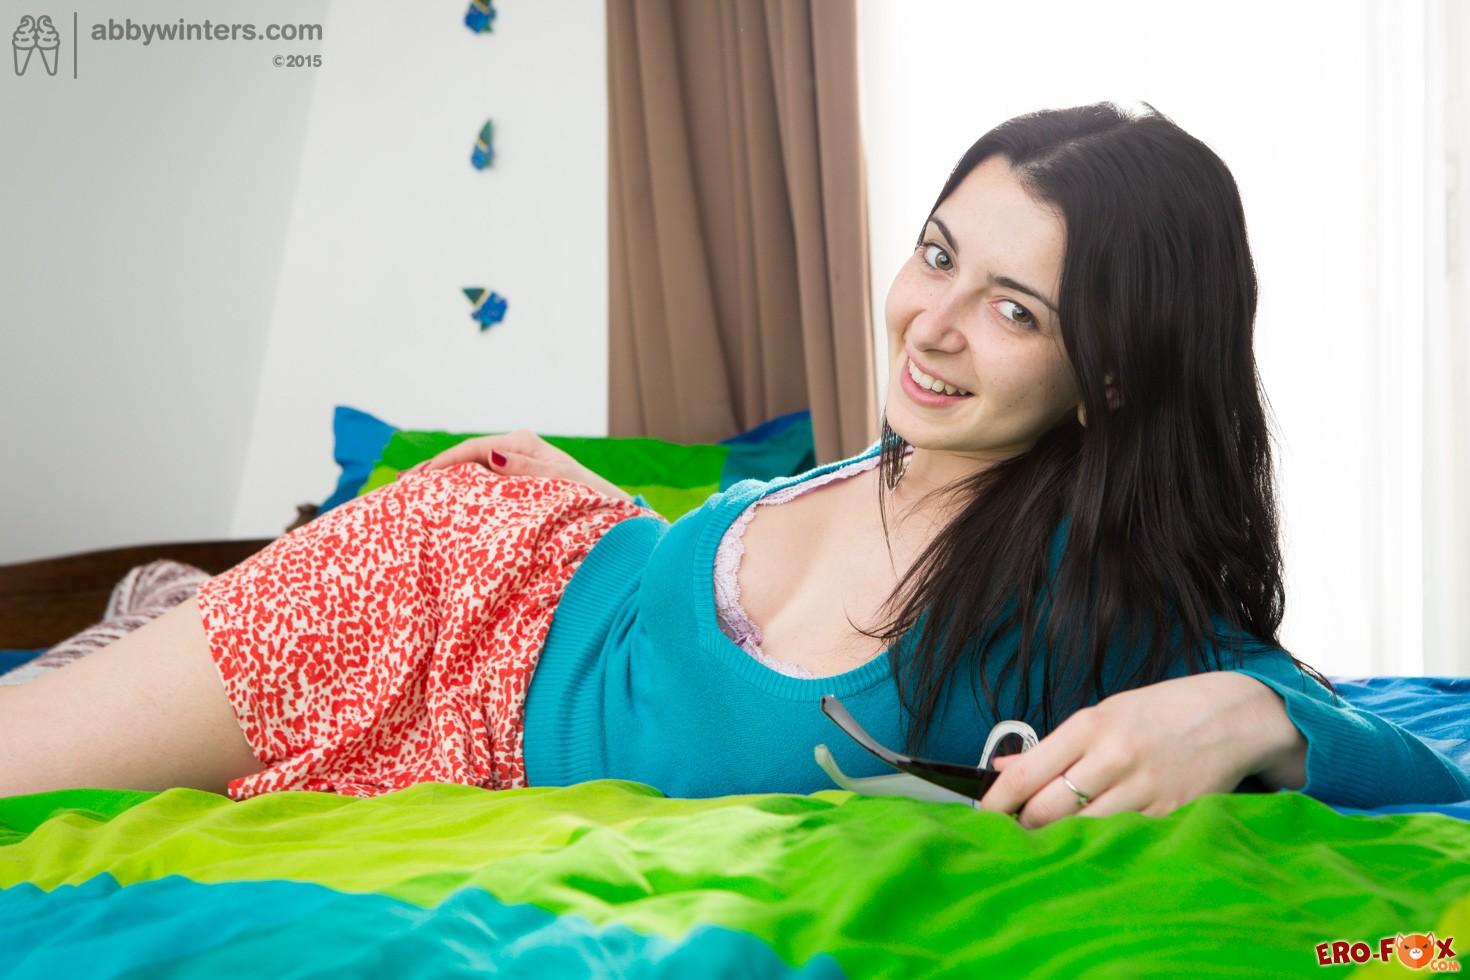 Грудастая студентка разделась в своей спальне » Эротикасмотреть лучшую фото эротику бесплатно.